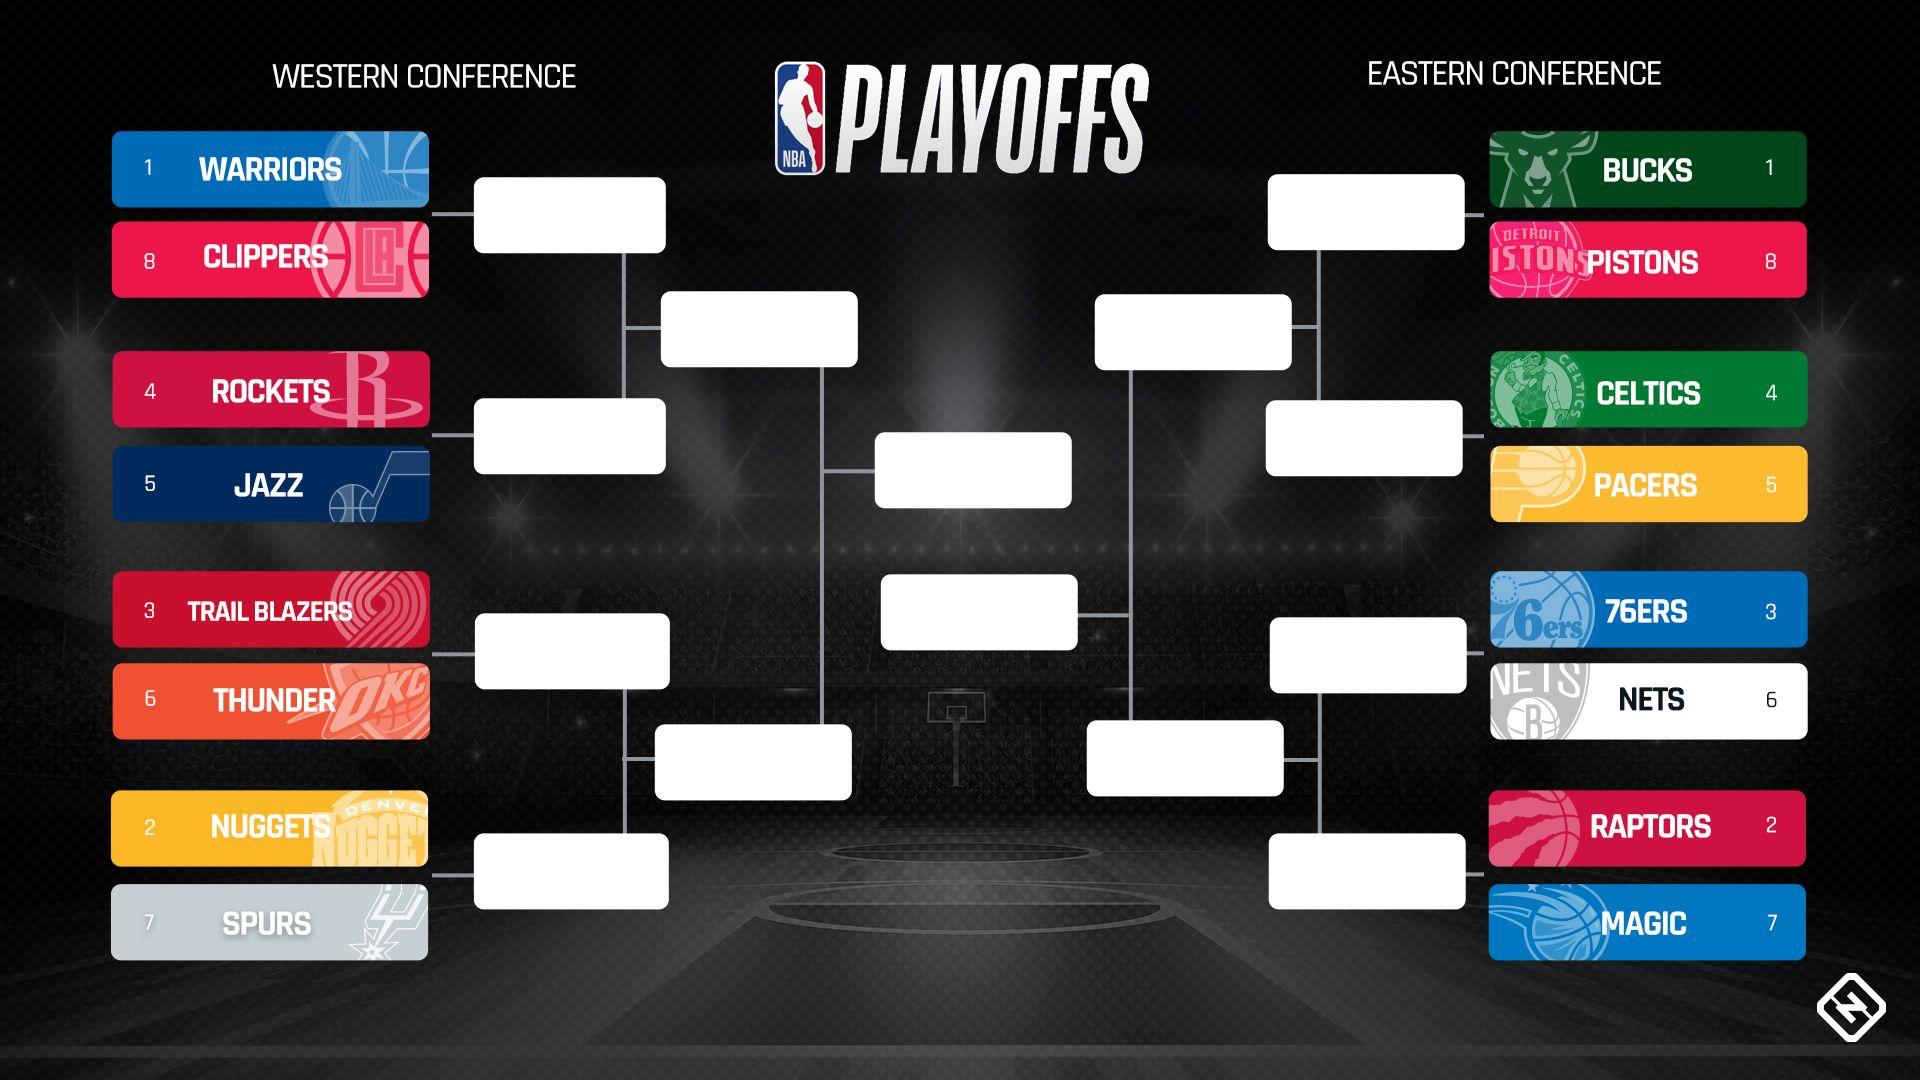 NBA playoffs today 2019 Live scores, TV schedule, updates